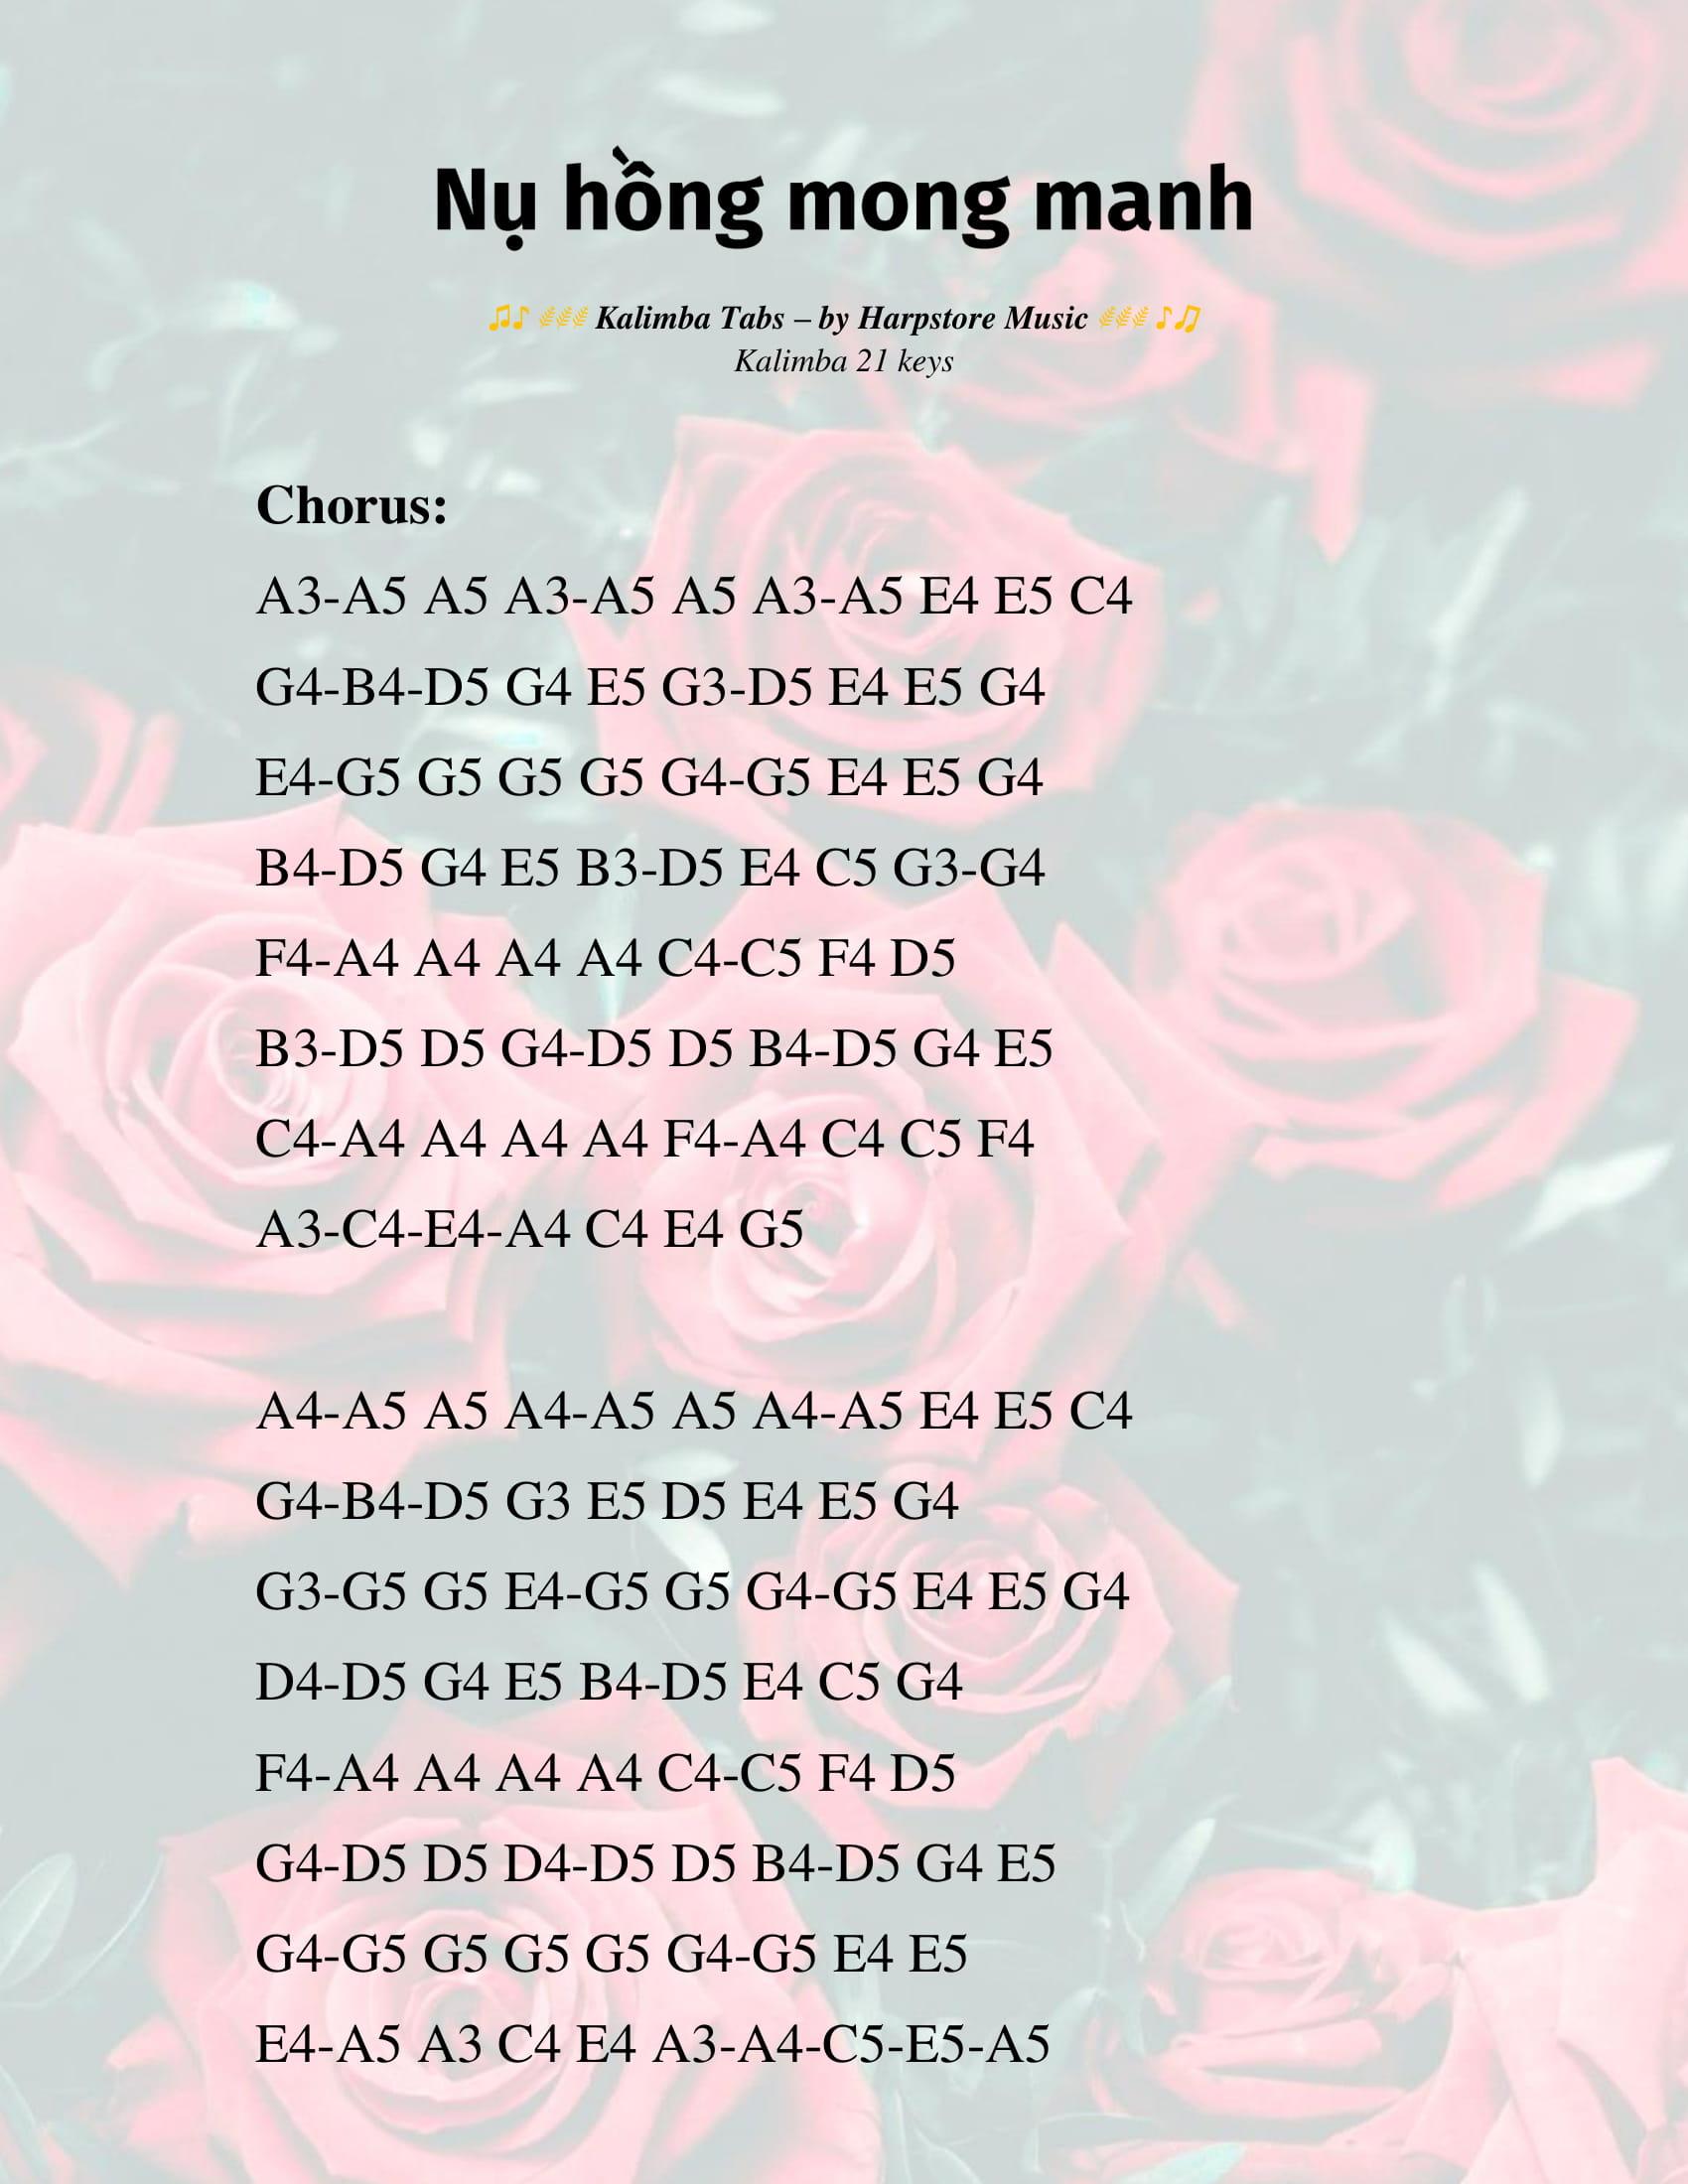 nụ hồng mong manh kalimba tab 2